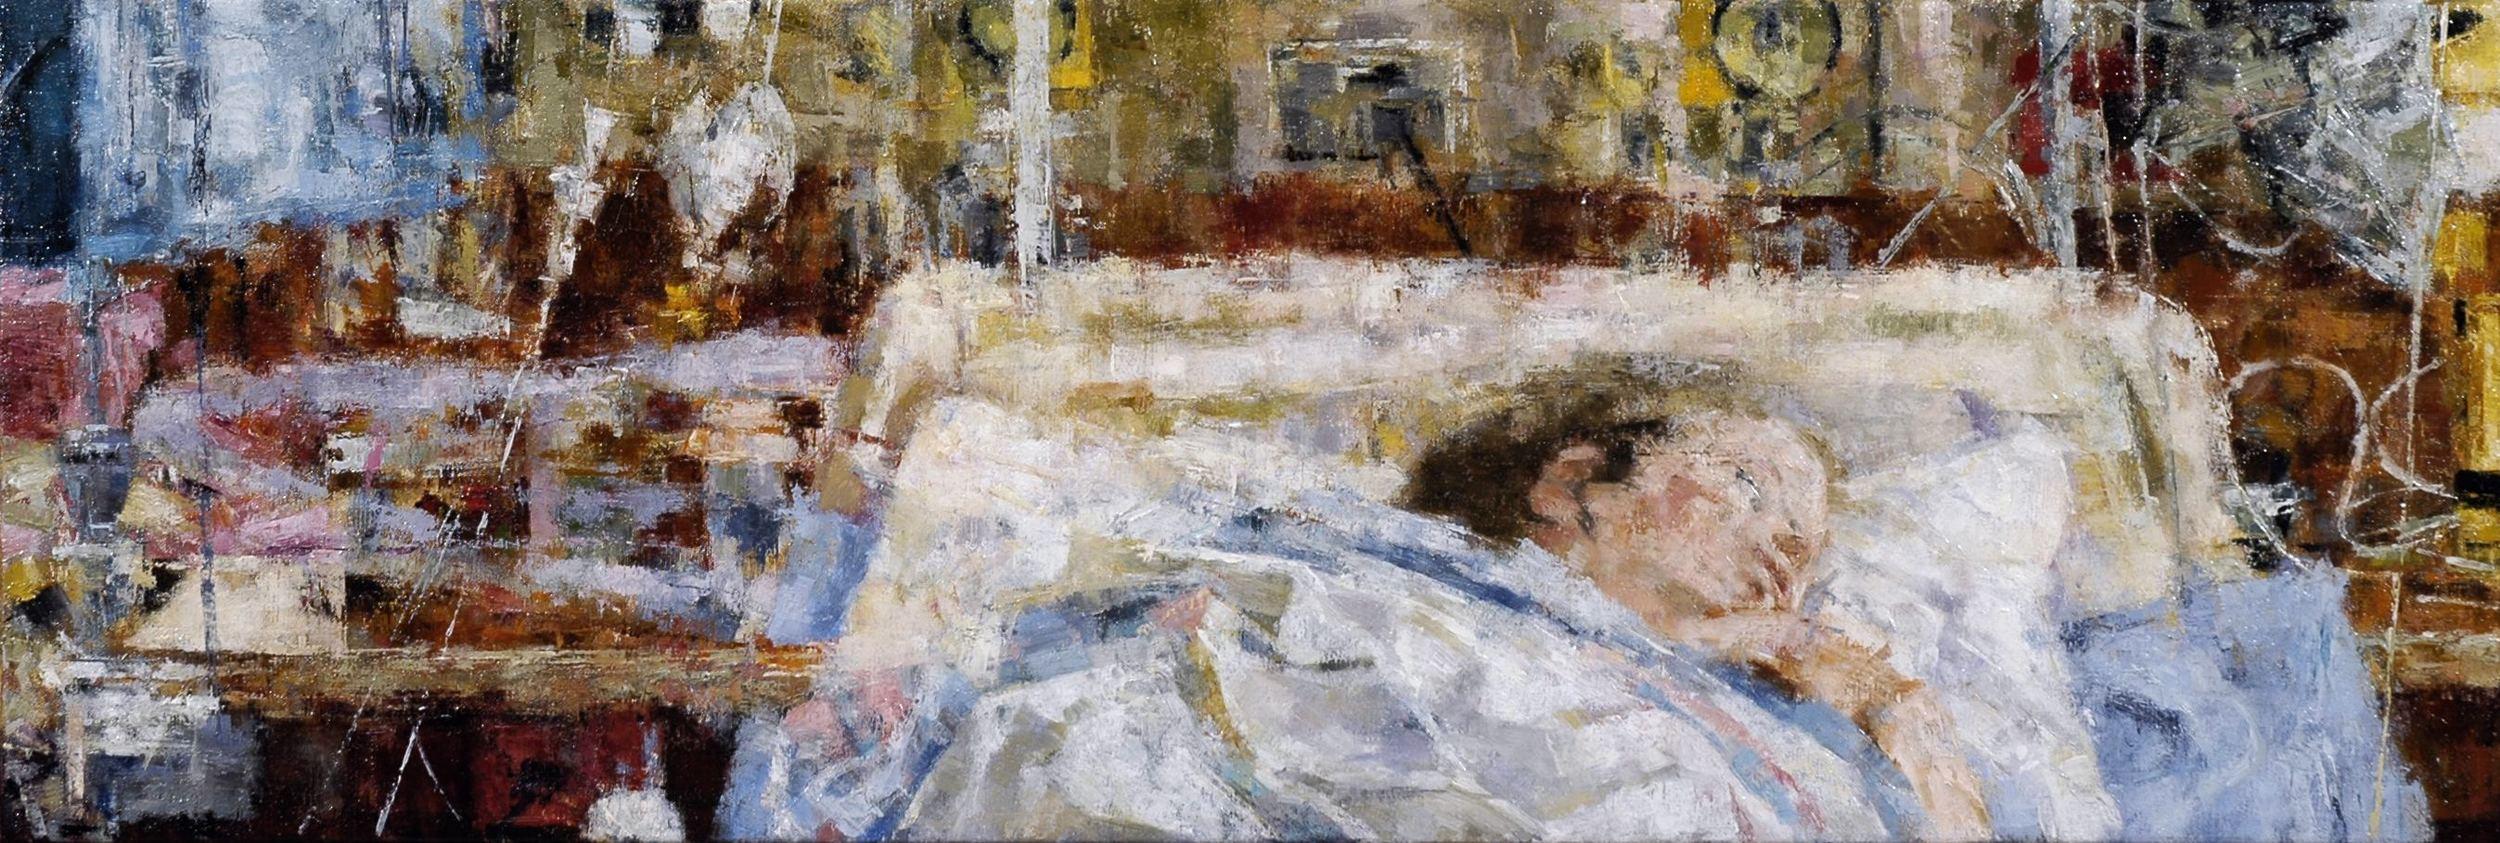 Sarah Sleeping - 2003